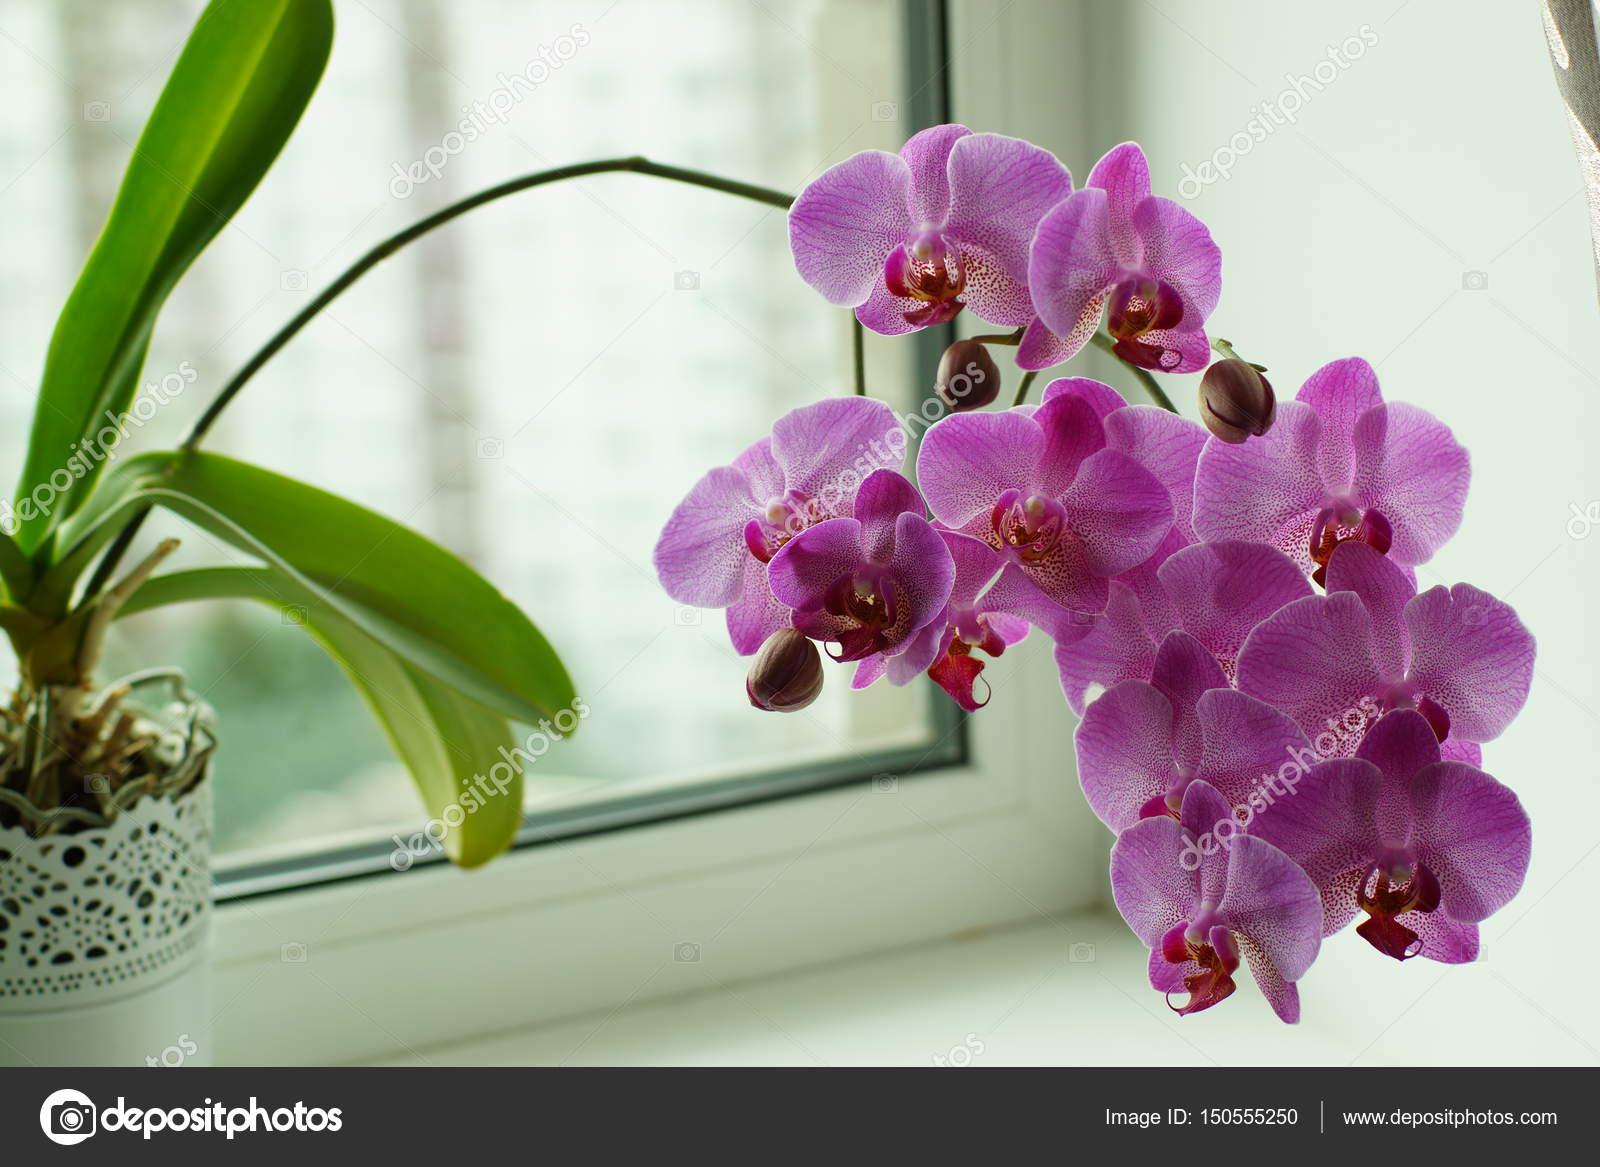 Orchidea lilla sulla finestra molti fiori sullo stelo pianta da vaso foto stock morele - Fiori da finestra ...